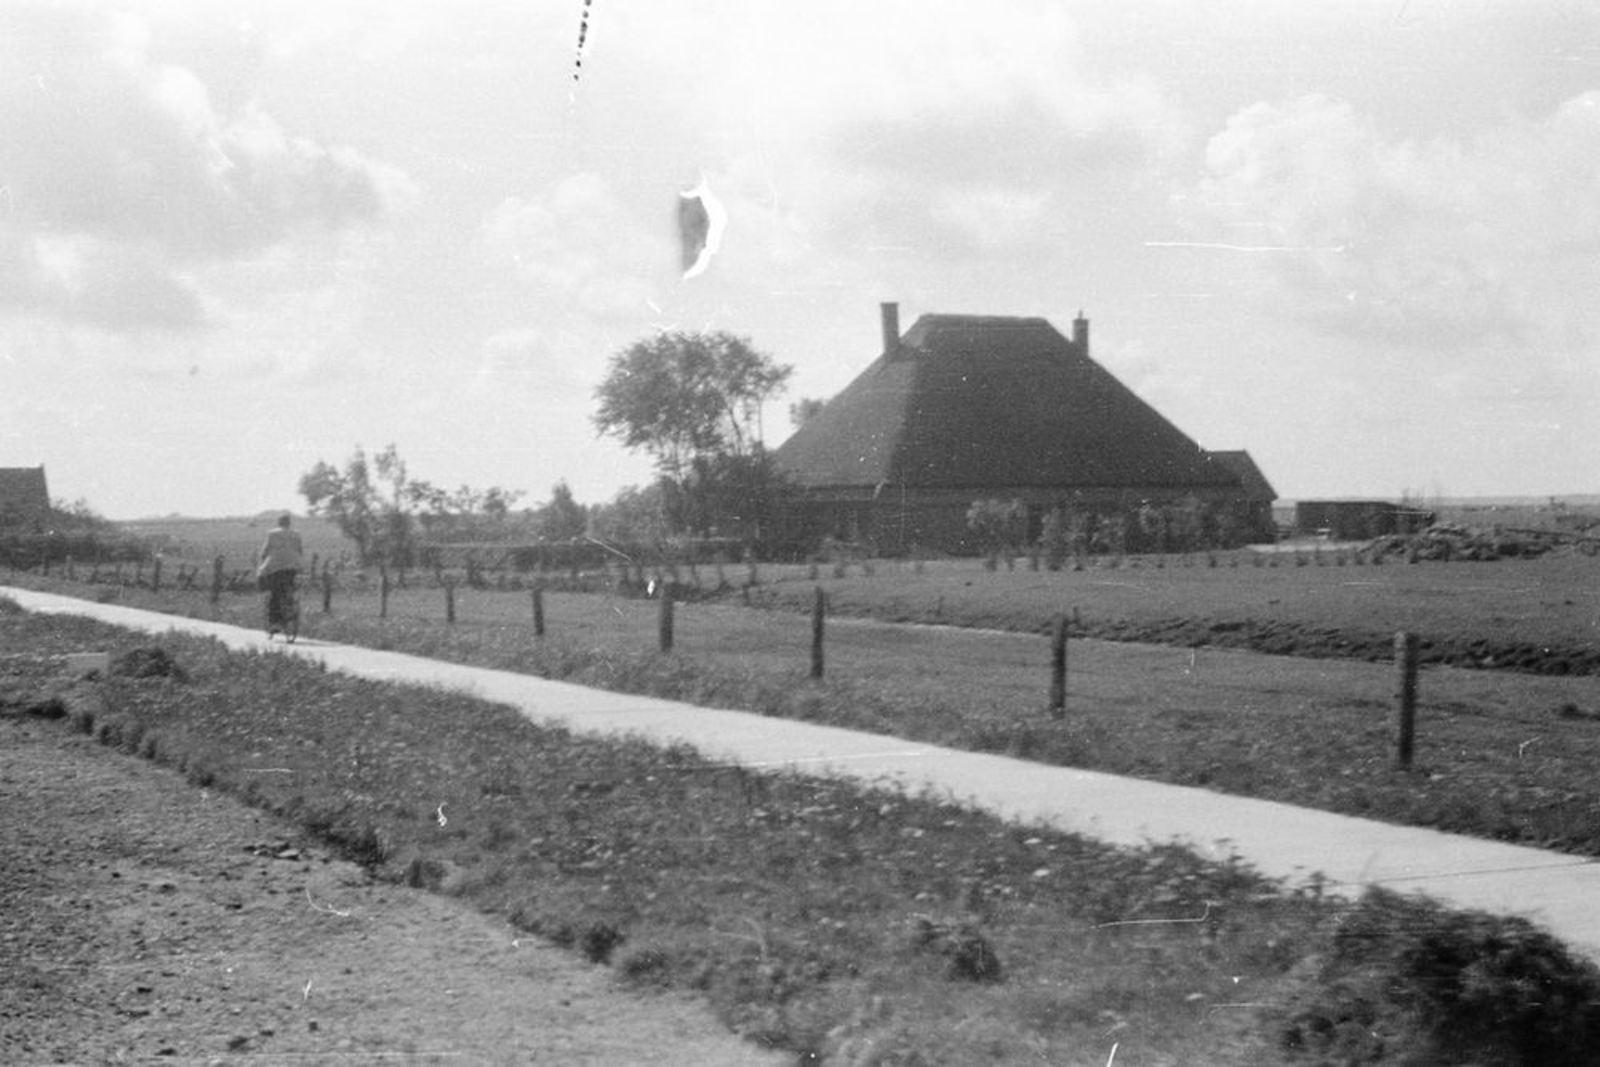 <b>ZOEKPLAATJE:</b>Onbekend Boerderij Stolp Vincent v Rijn